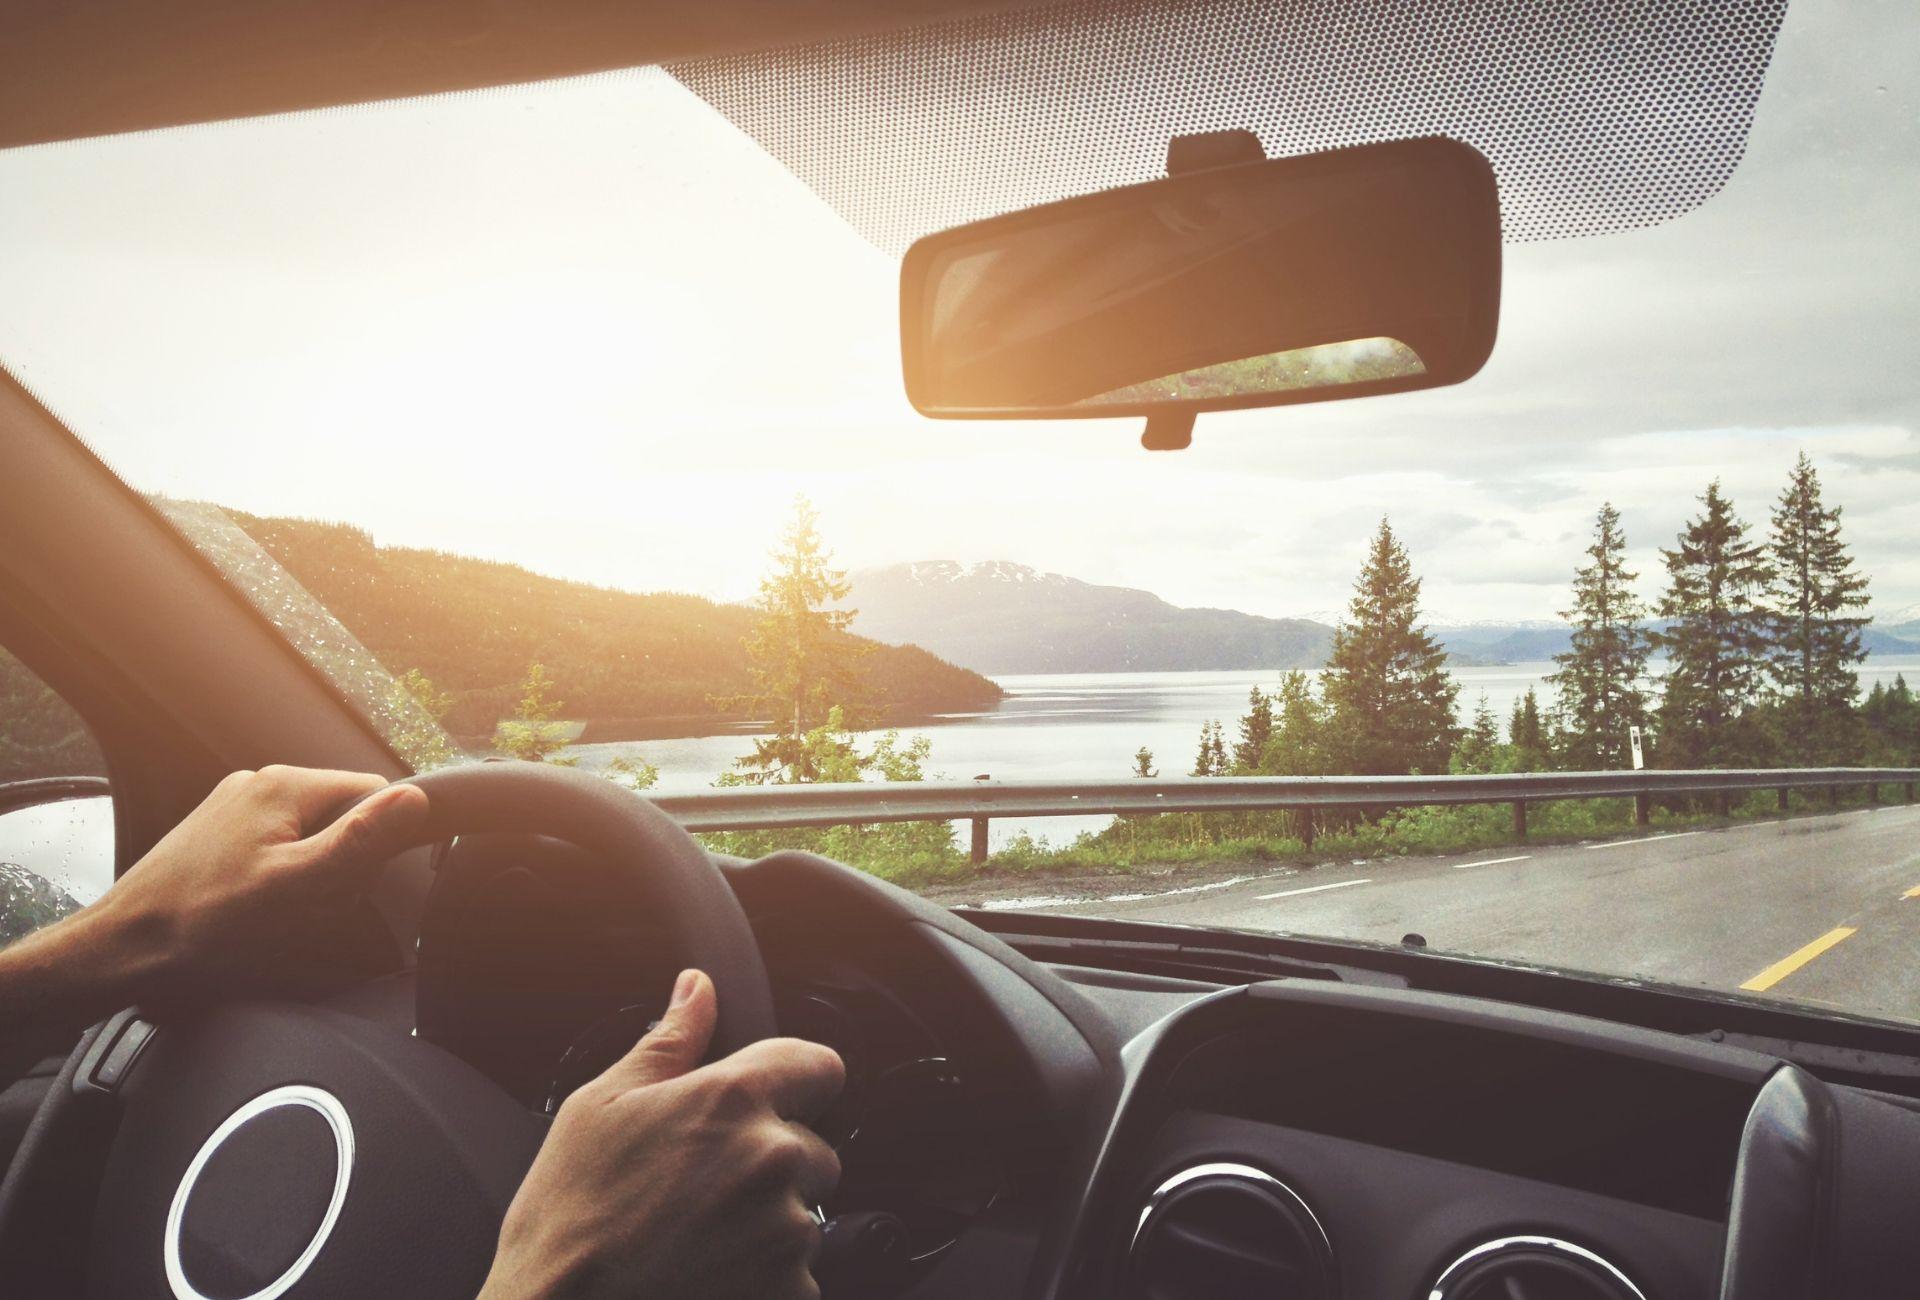 Pessoa dirigindo carro com paisagem ao fundo